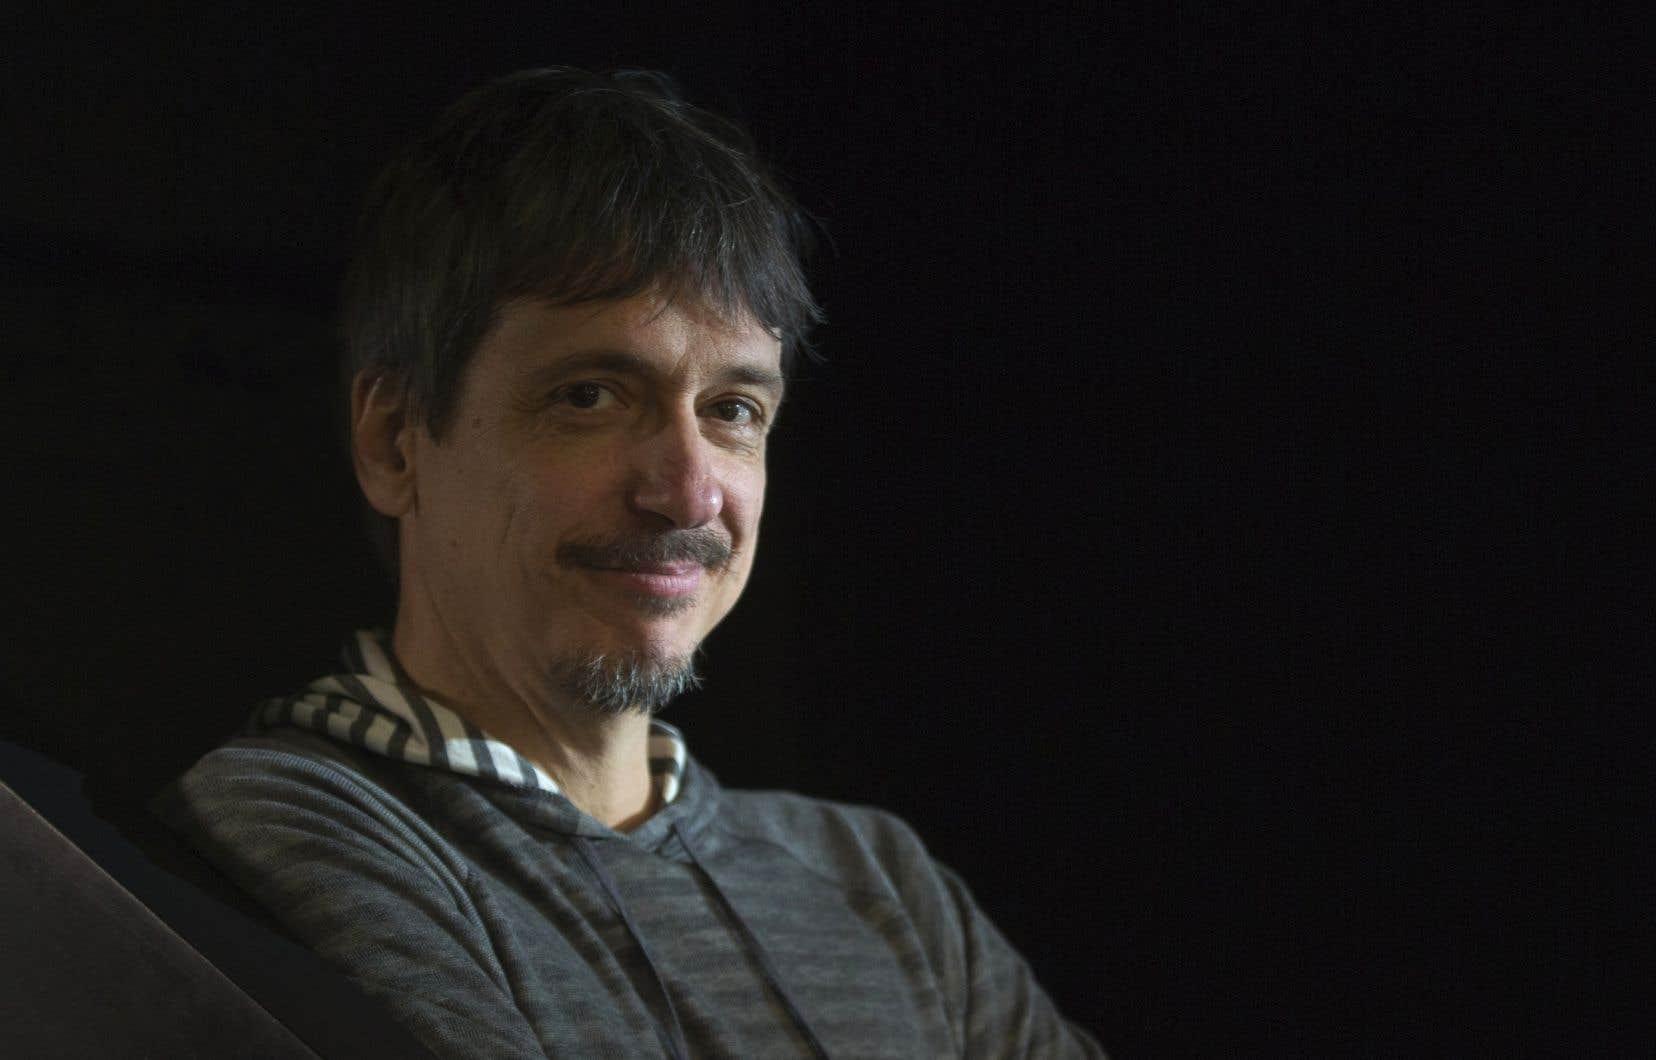 «Quand j'ai vu quels films avaient fait l'ouverture de Berlin, j'étais vraiment fier et très ému», a raconté Philippe Falardeau.